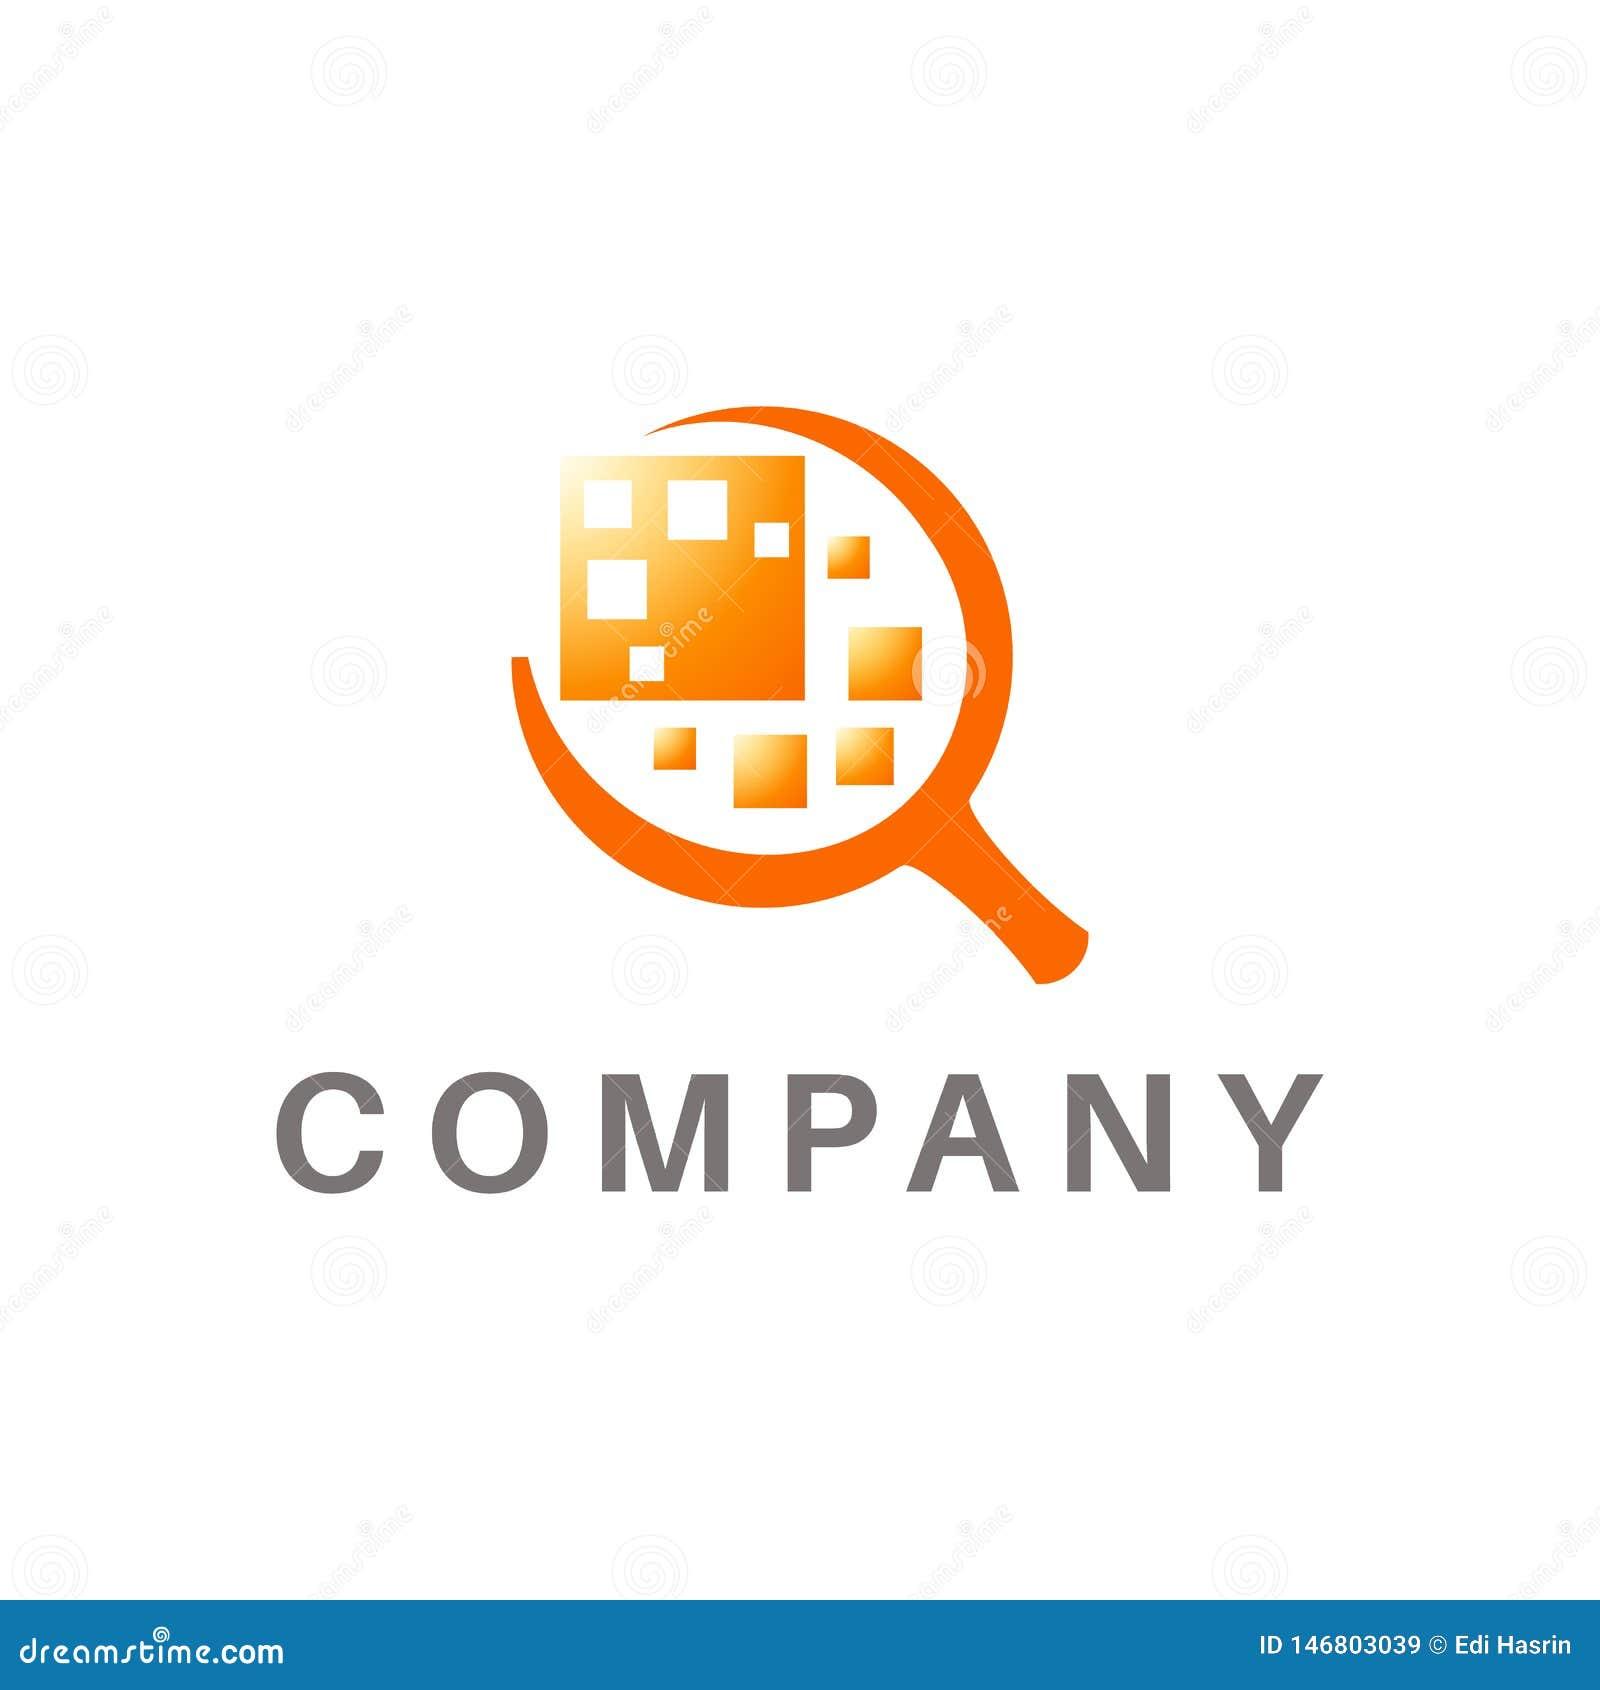 Logotipo da lupa, sumário do objeto no centro, cor alaranjada